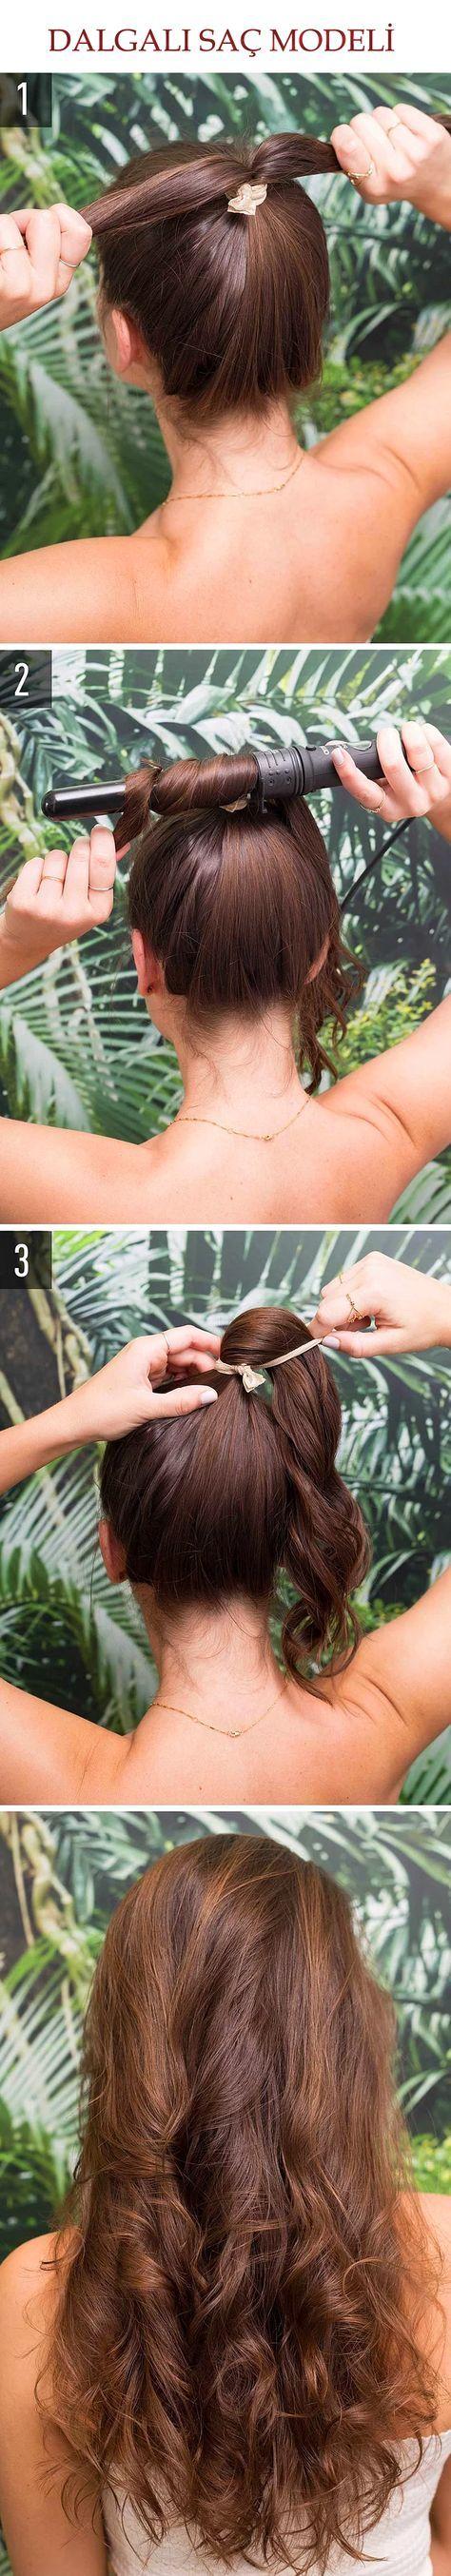 Pin by gülsen coŞkun on saç pinterest hair style